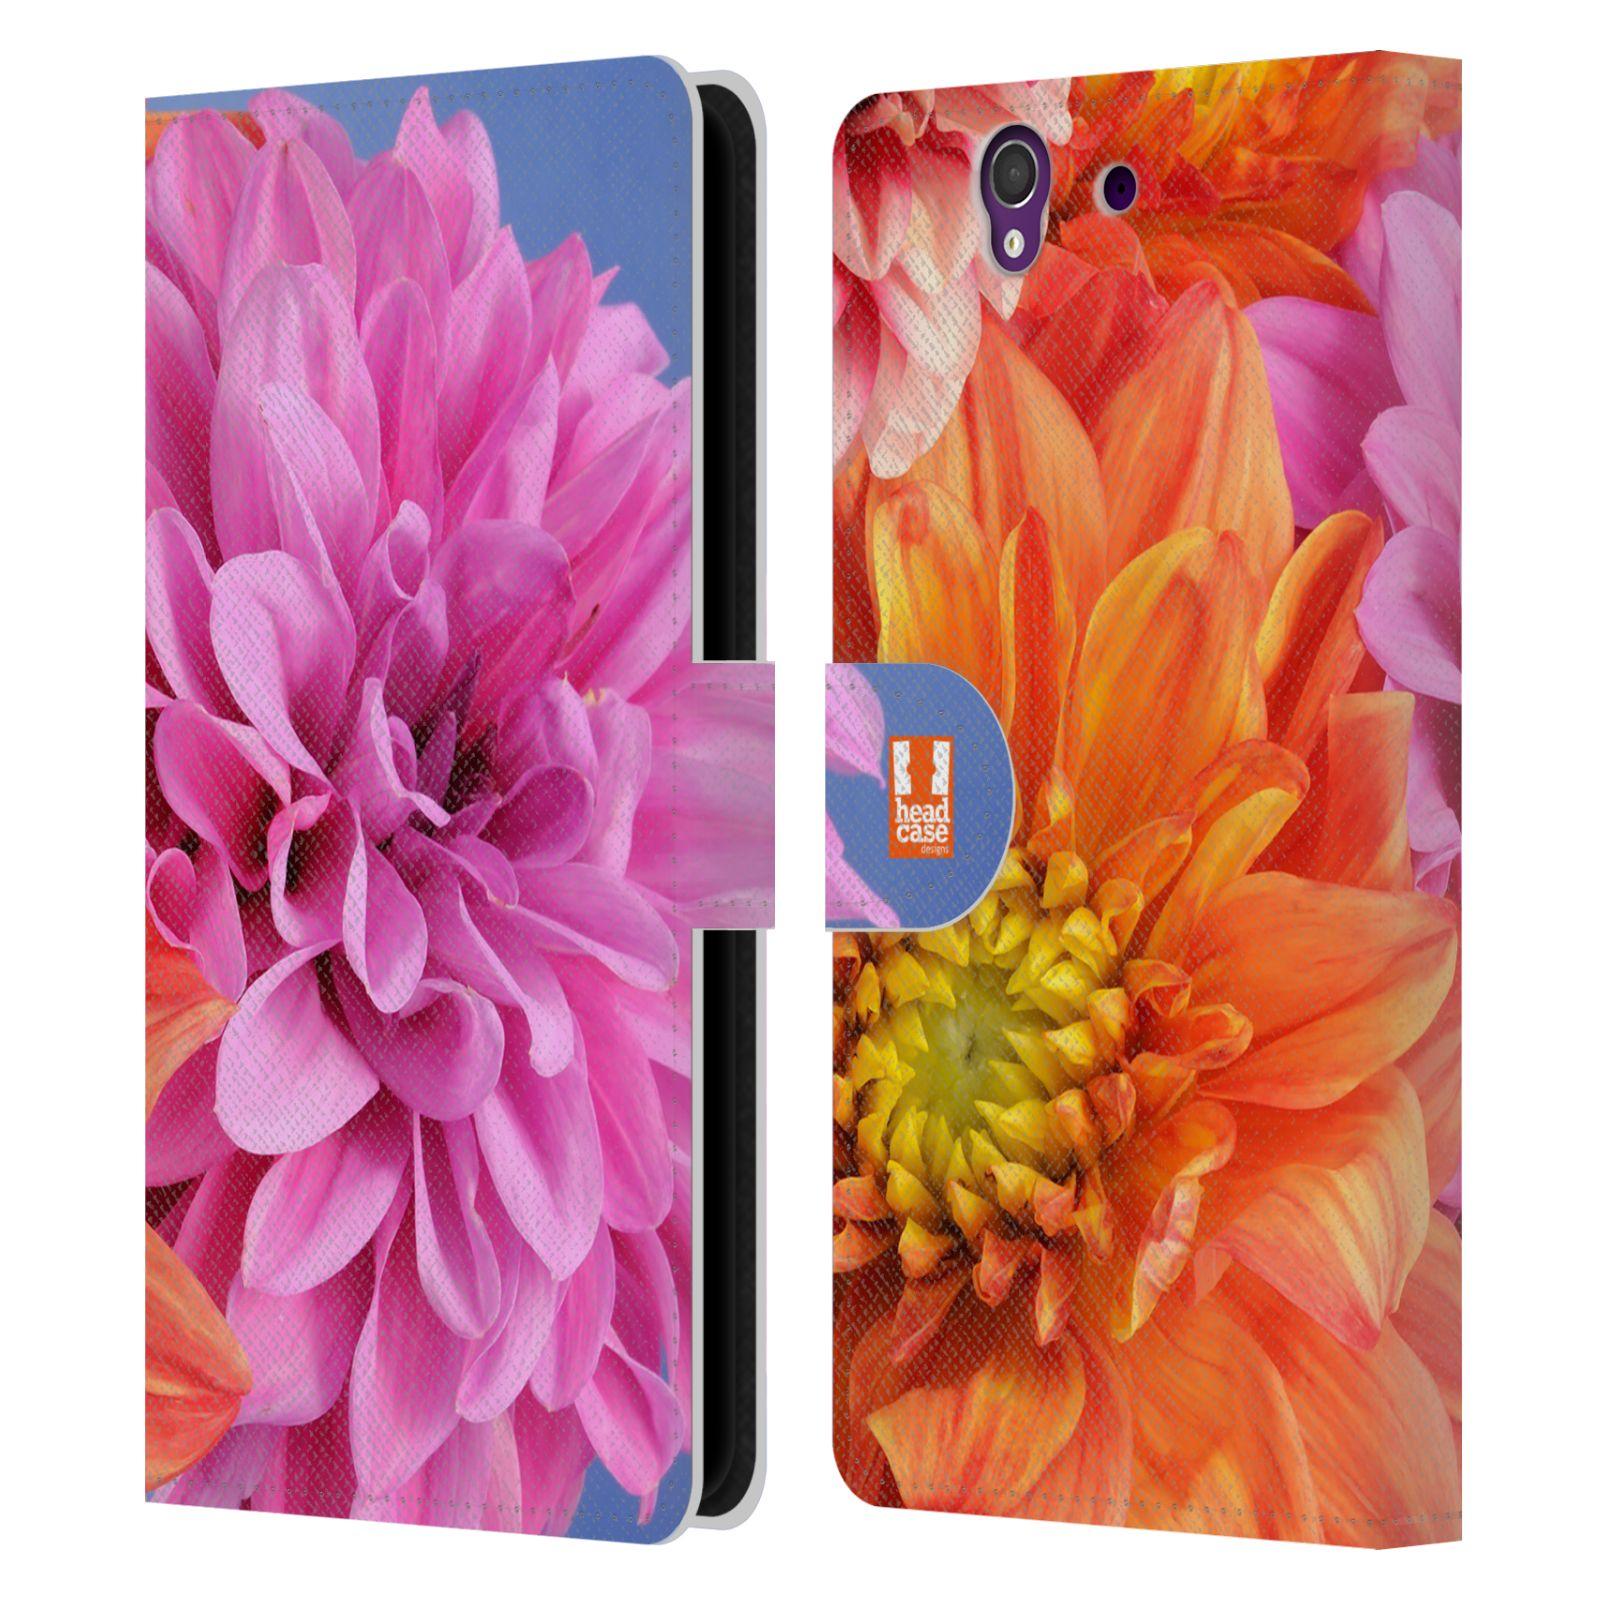 HEAD CASE Flipové pouzdro pro mobil SONY XPERIA Z (C6603) květy foto Jiřinka růžová a oranžová